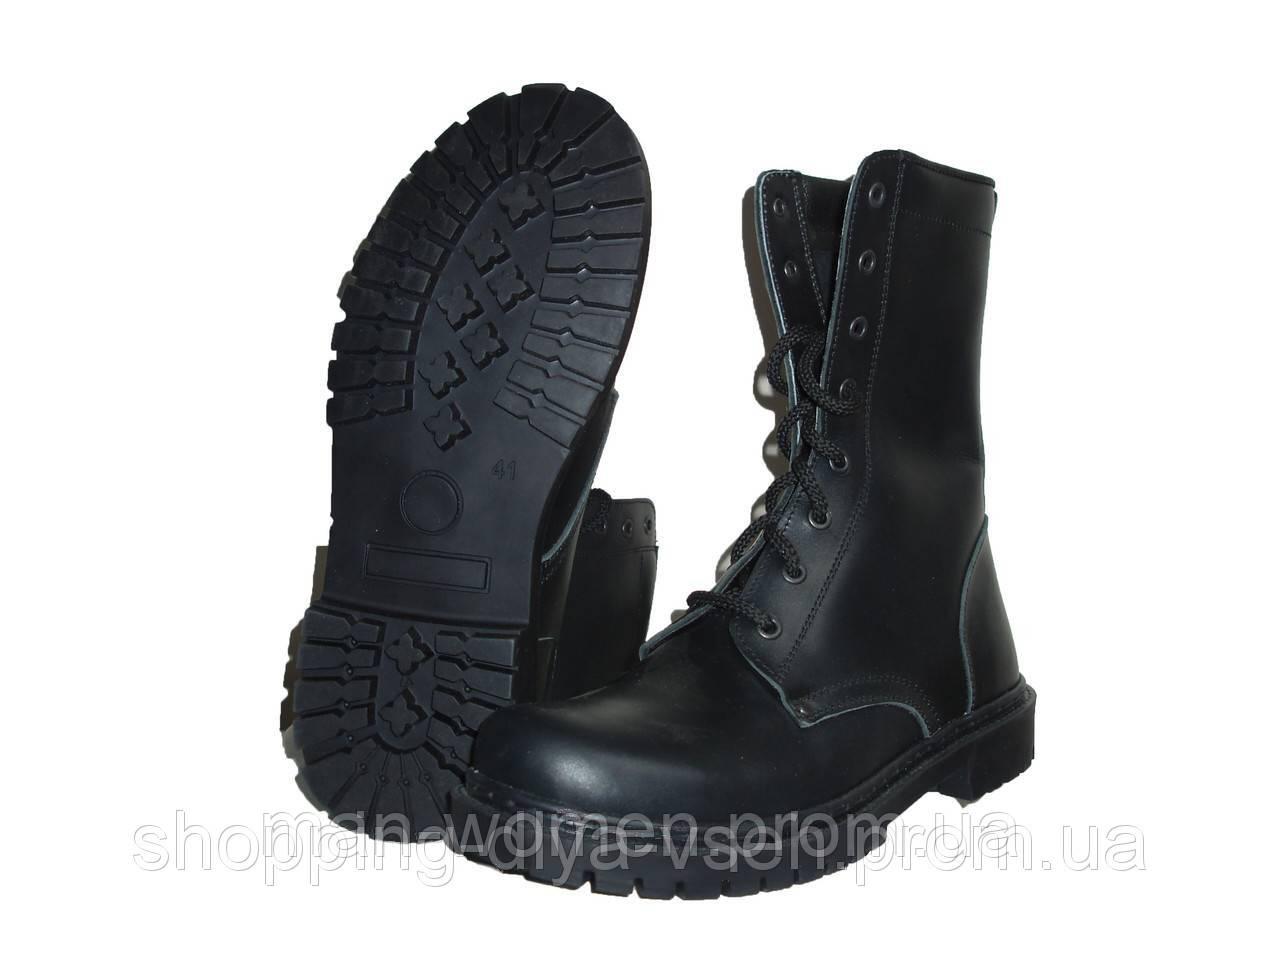 """Армейские ботинки """"ПРЕМИУМ"""", берцы. Подошва НАТО"""